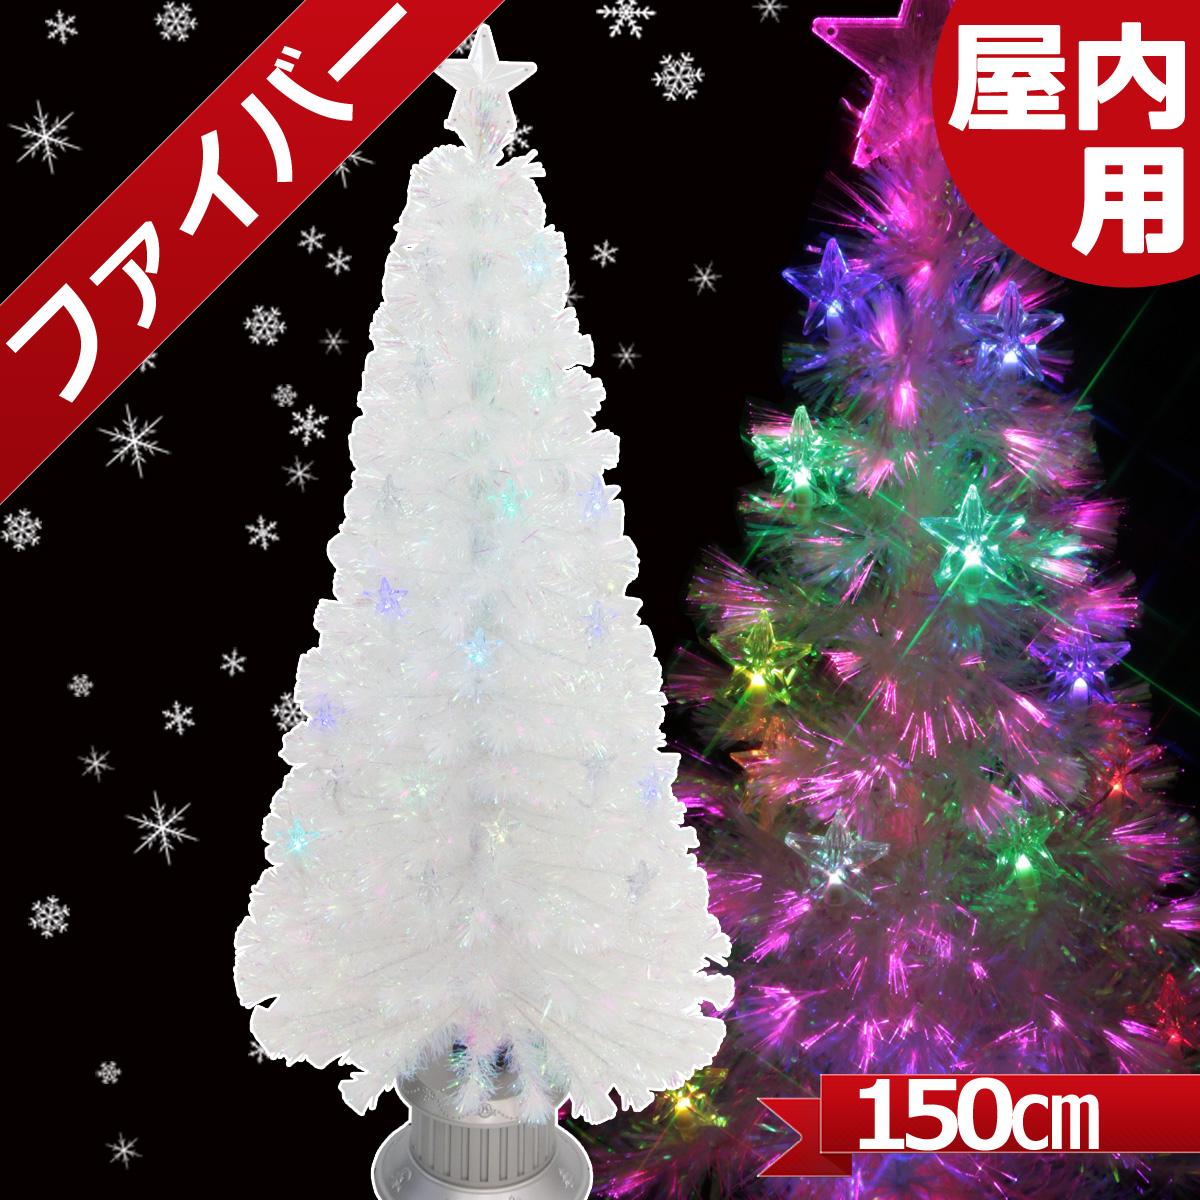 クリスマスツリー ファイバー 150cm LEDスター付き チェンジング ファイバーツリー 北欧 おしゃれ 【10月下旬入荷予定】